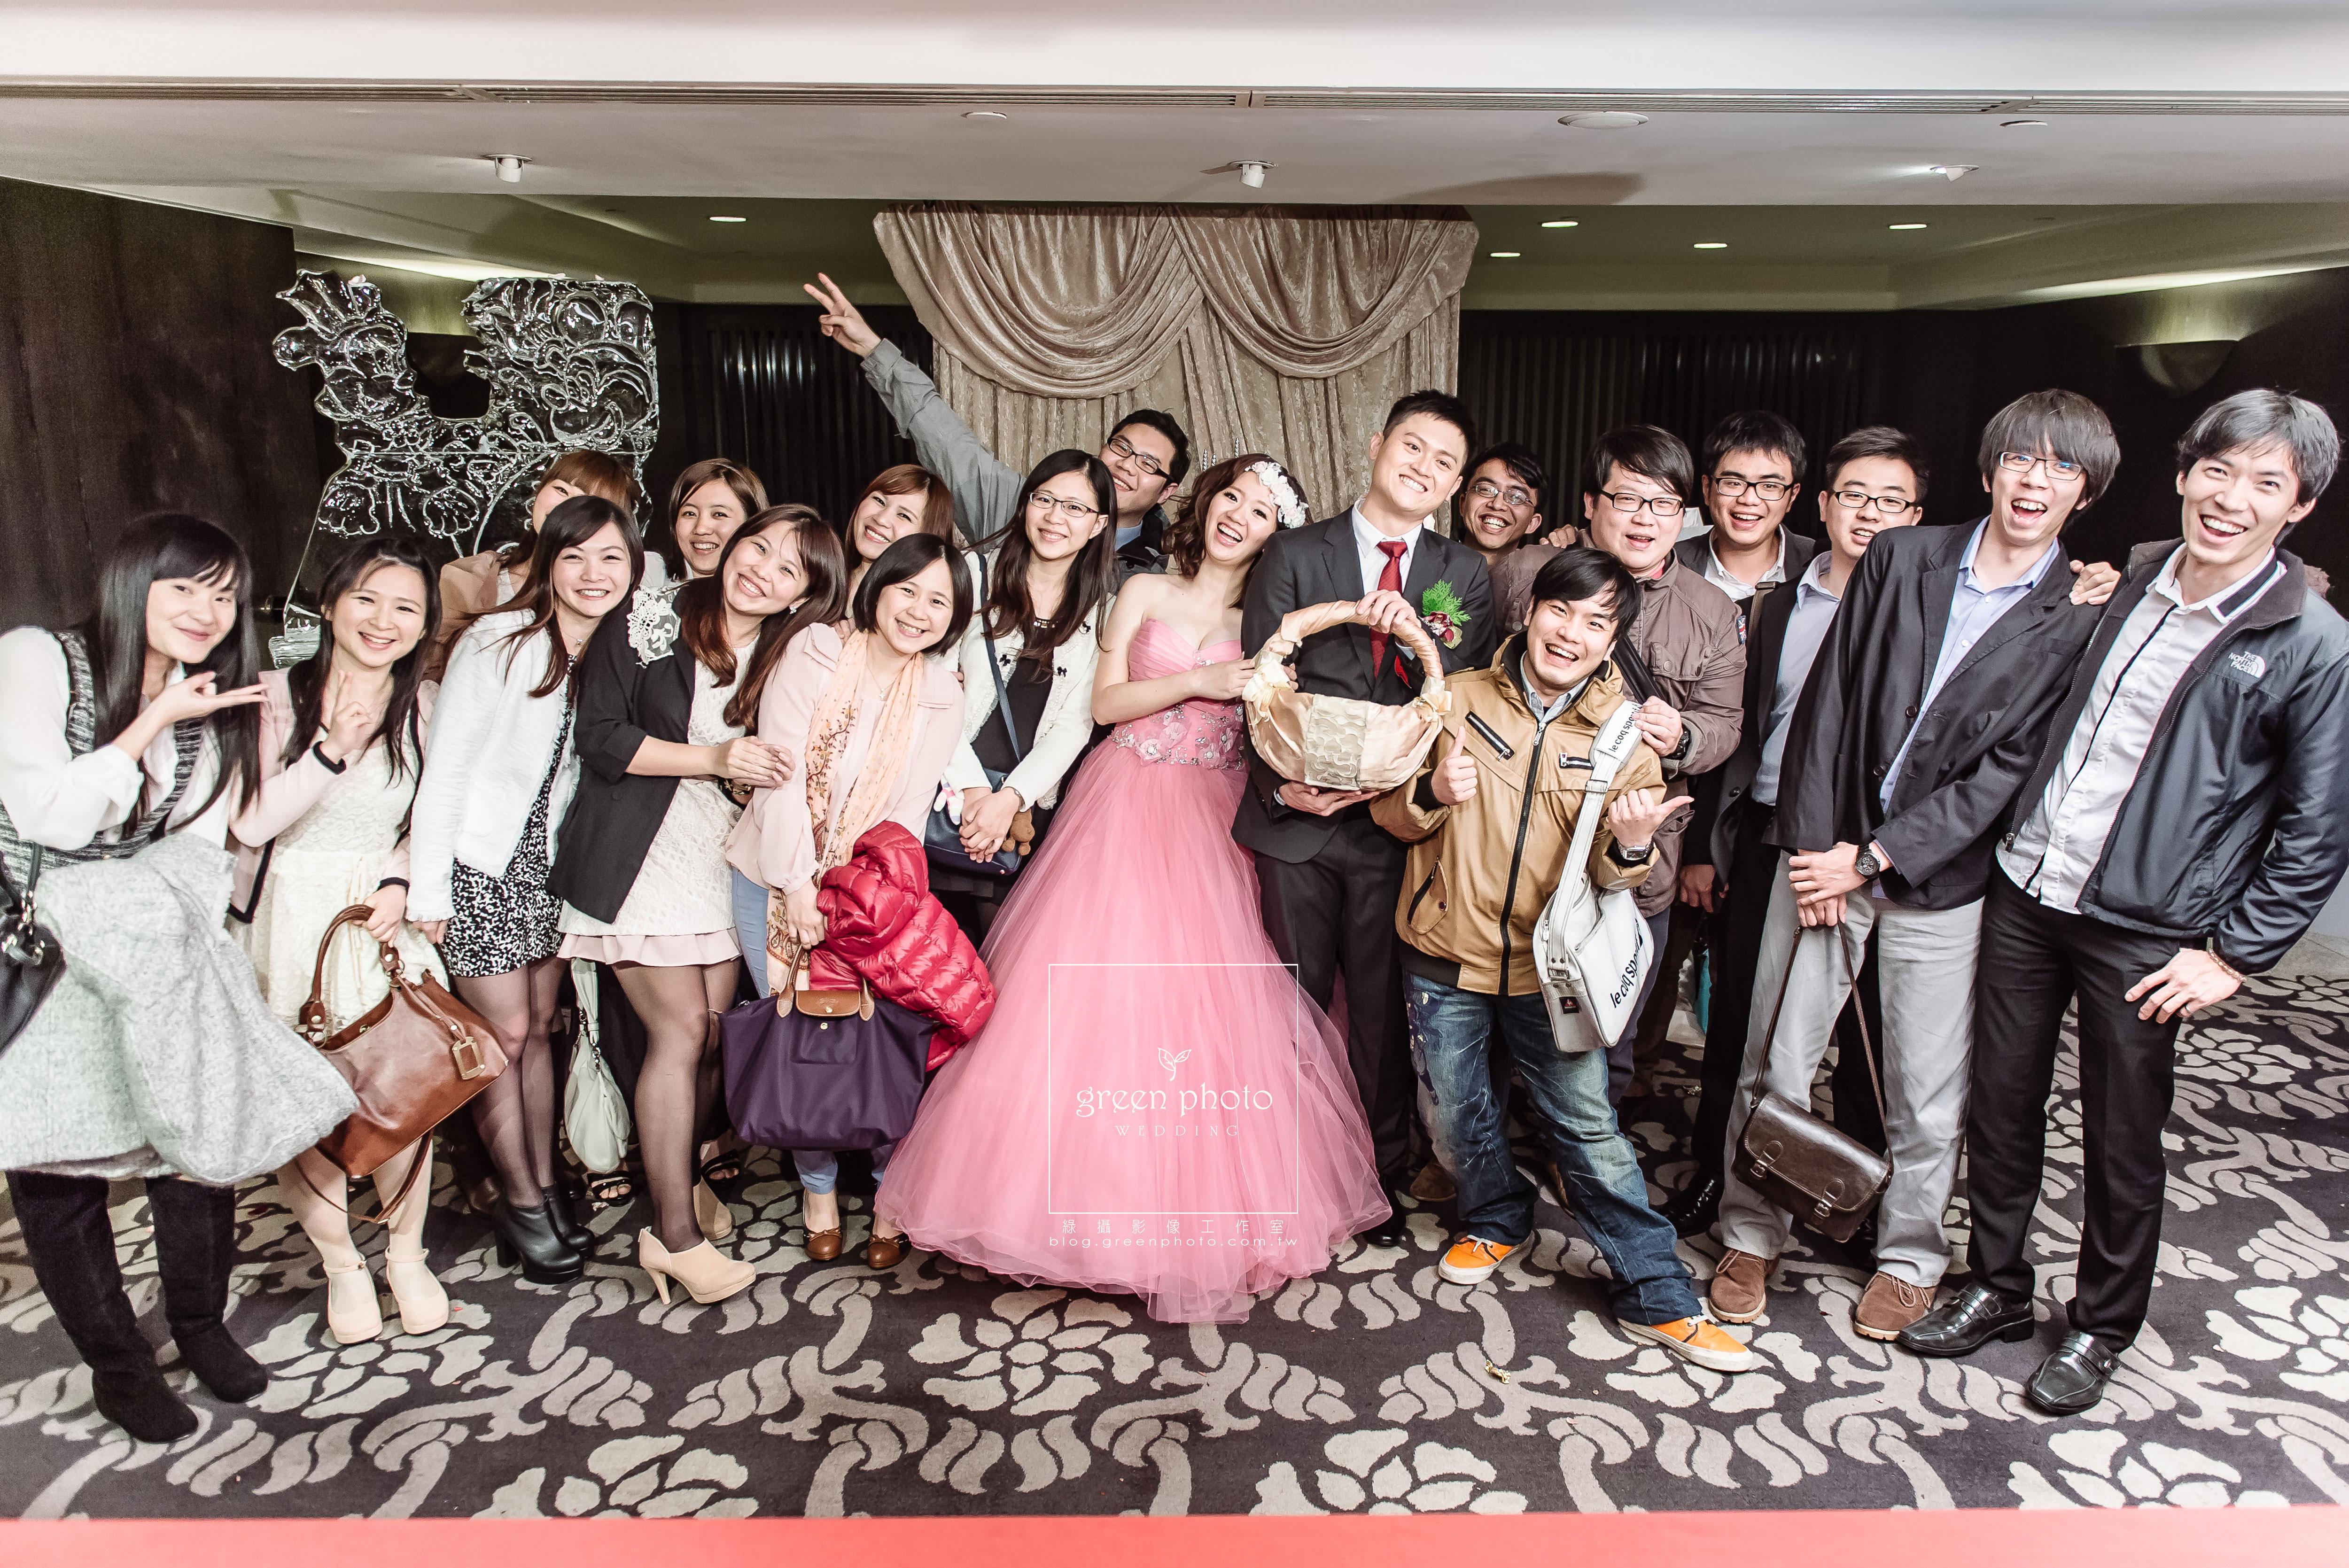 婚禮紀實,周上,晶華酒店,綠攝影像,婚禮紀錄,台北婚攝.jpg